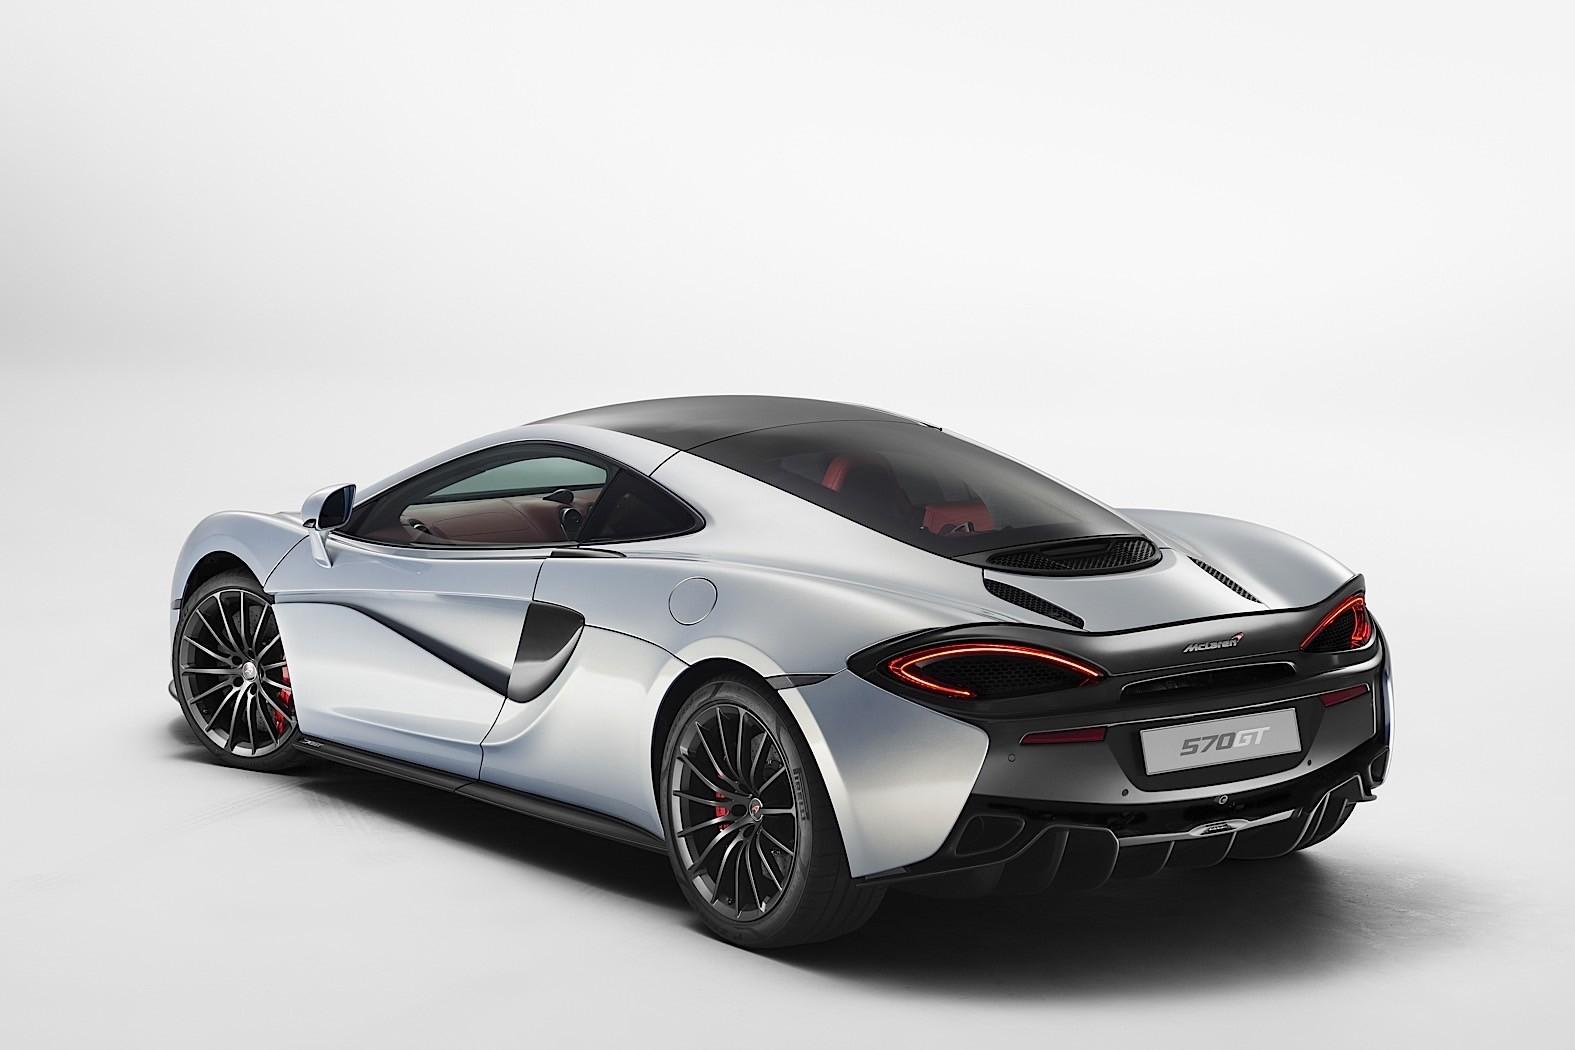 2017 McLaren 570GT Is The Most Luxurious McLaren Ever